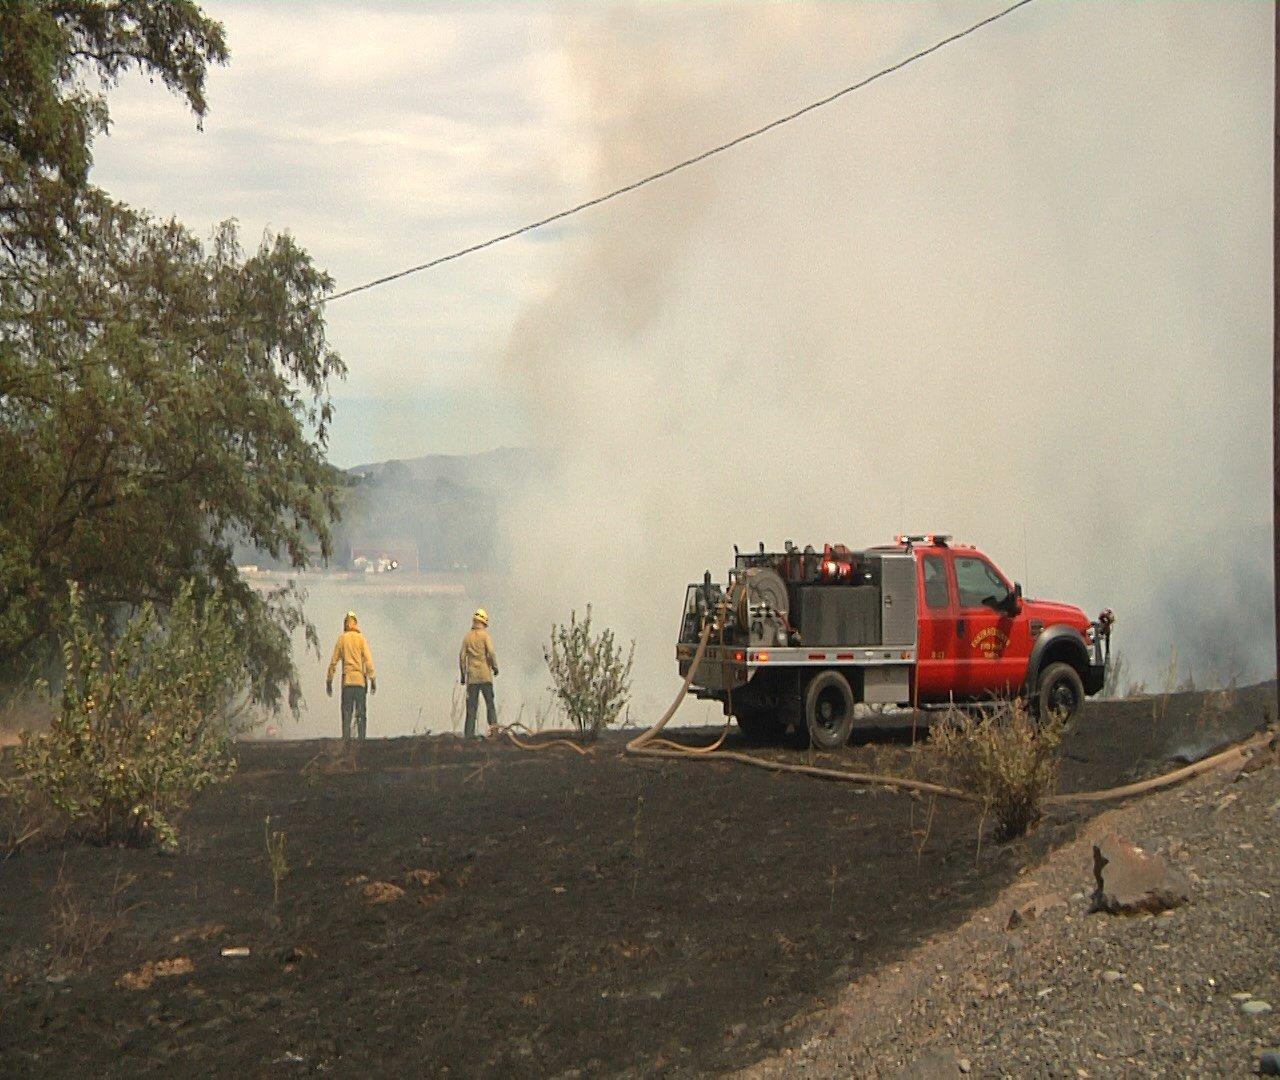 Fire crews work to mop up a brush fire.